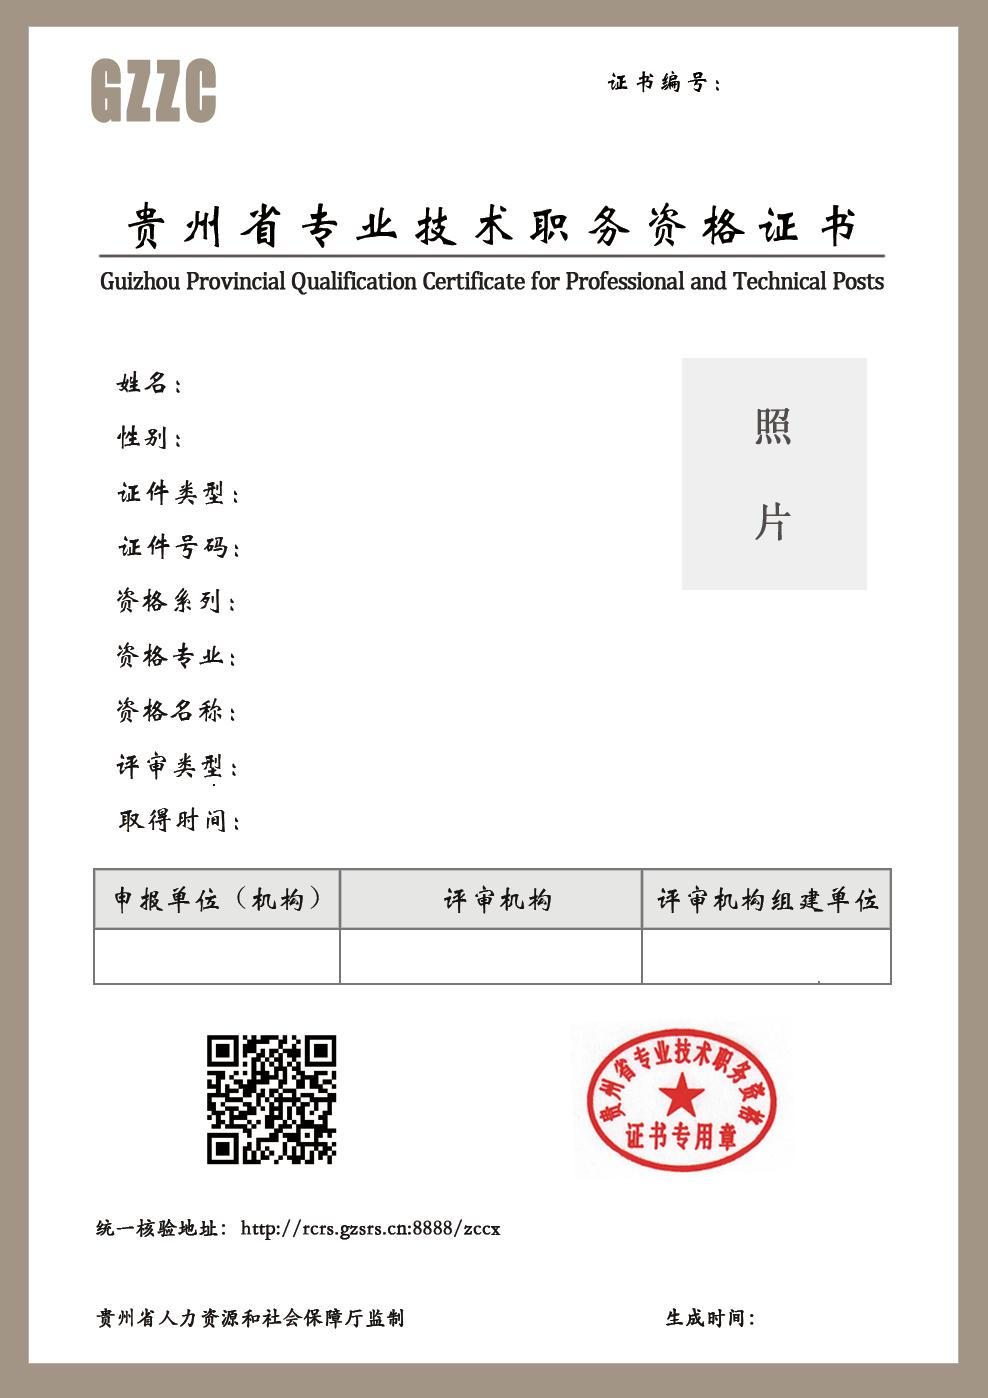 贵州省专业技术职务资格证书样式